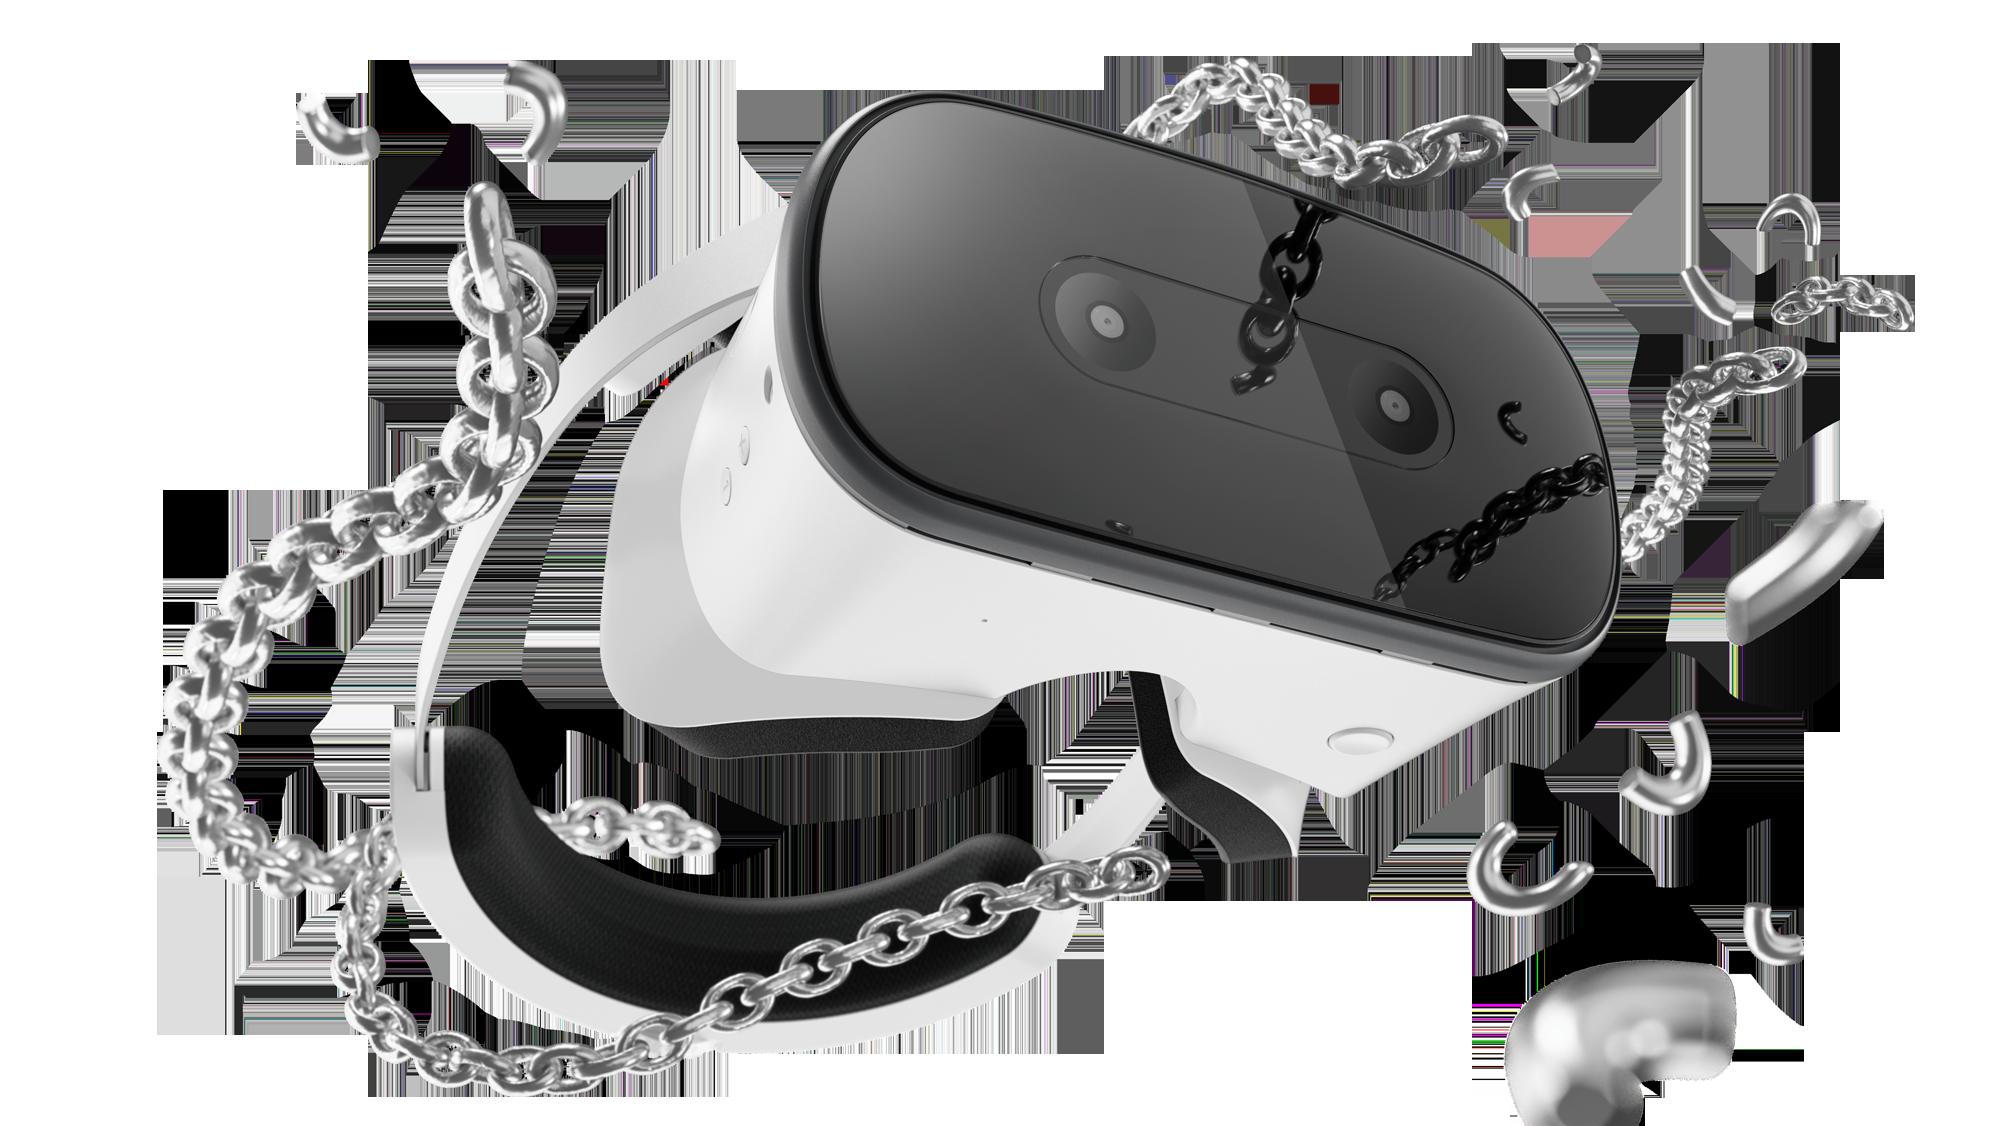 Https Techcrunch Com Tc Ces2018 9440 2018 01 09t01 19 55z Https Techcrunch Com Wp Content Uploads 2018 01 Tc Ces2018 9440 Jpg Tc Ces2018 9440 Https Techcrunch Com Tc Ces2018 9442 2018 01 09t01 21 37z Https Techcrunch Com Wp Content